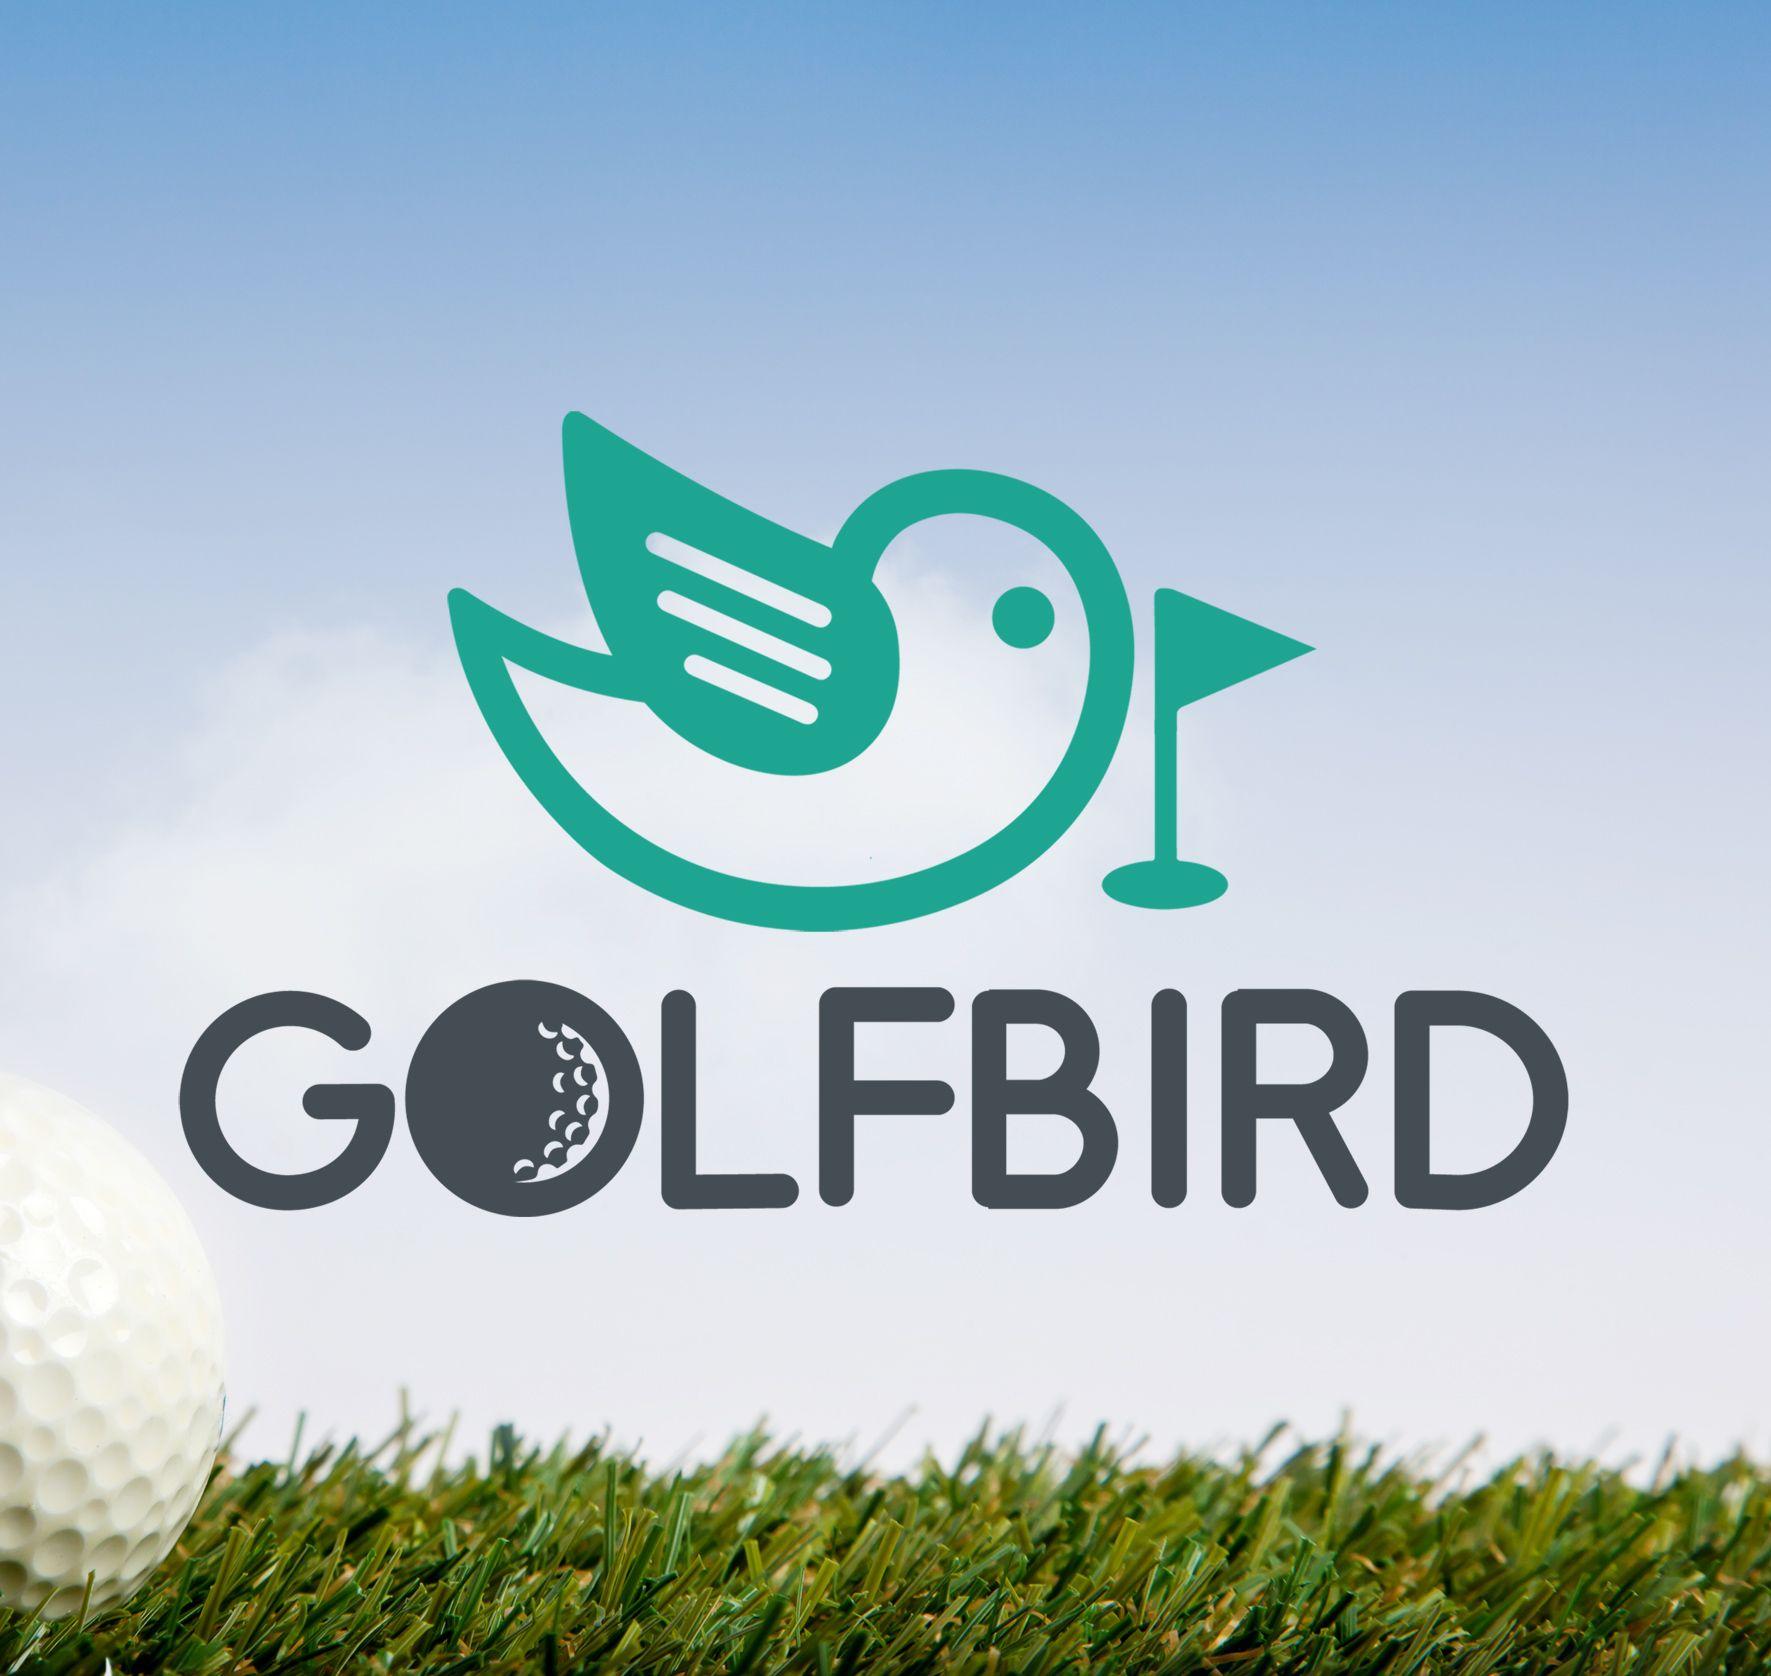 golbird-construction-DP‑3